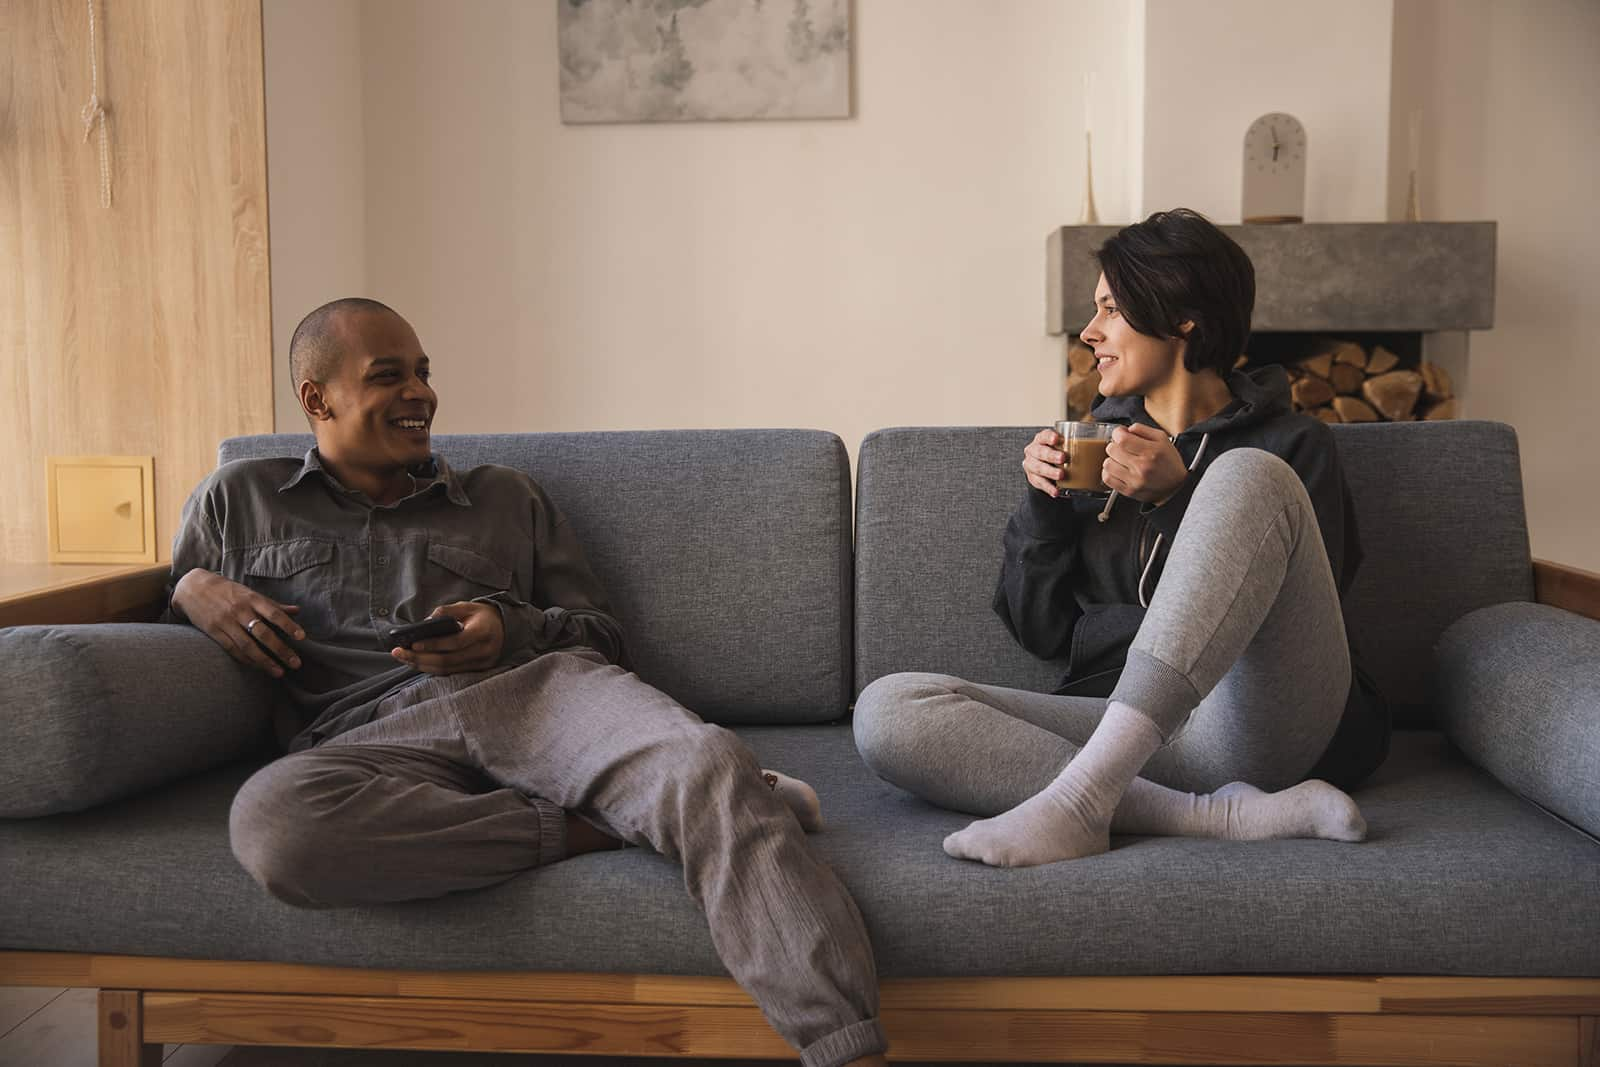 ein Paar sitzt auf der Couch und redet und trinkt zusammen Kaffee